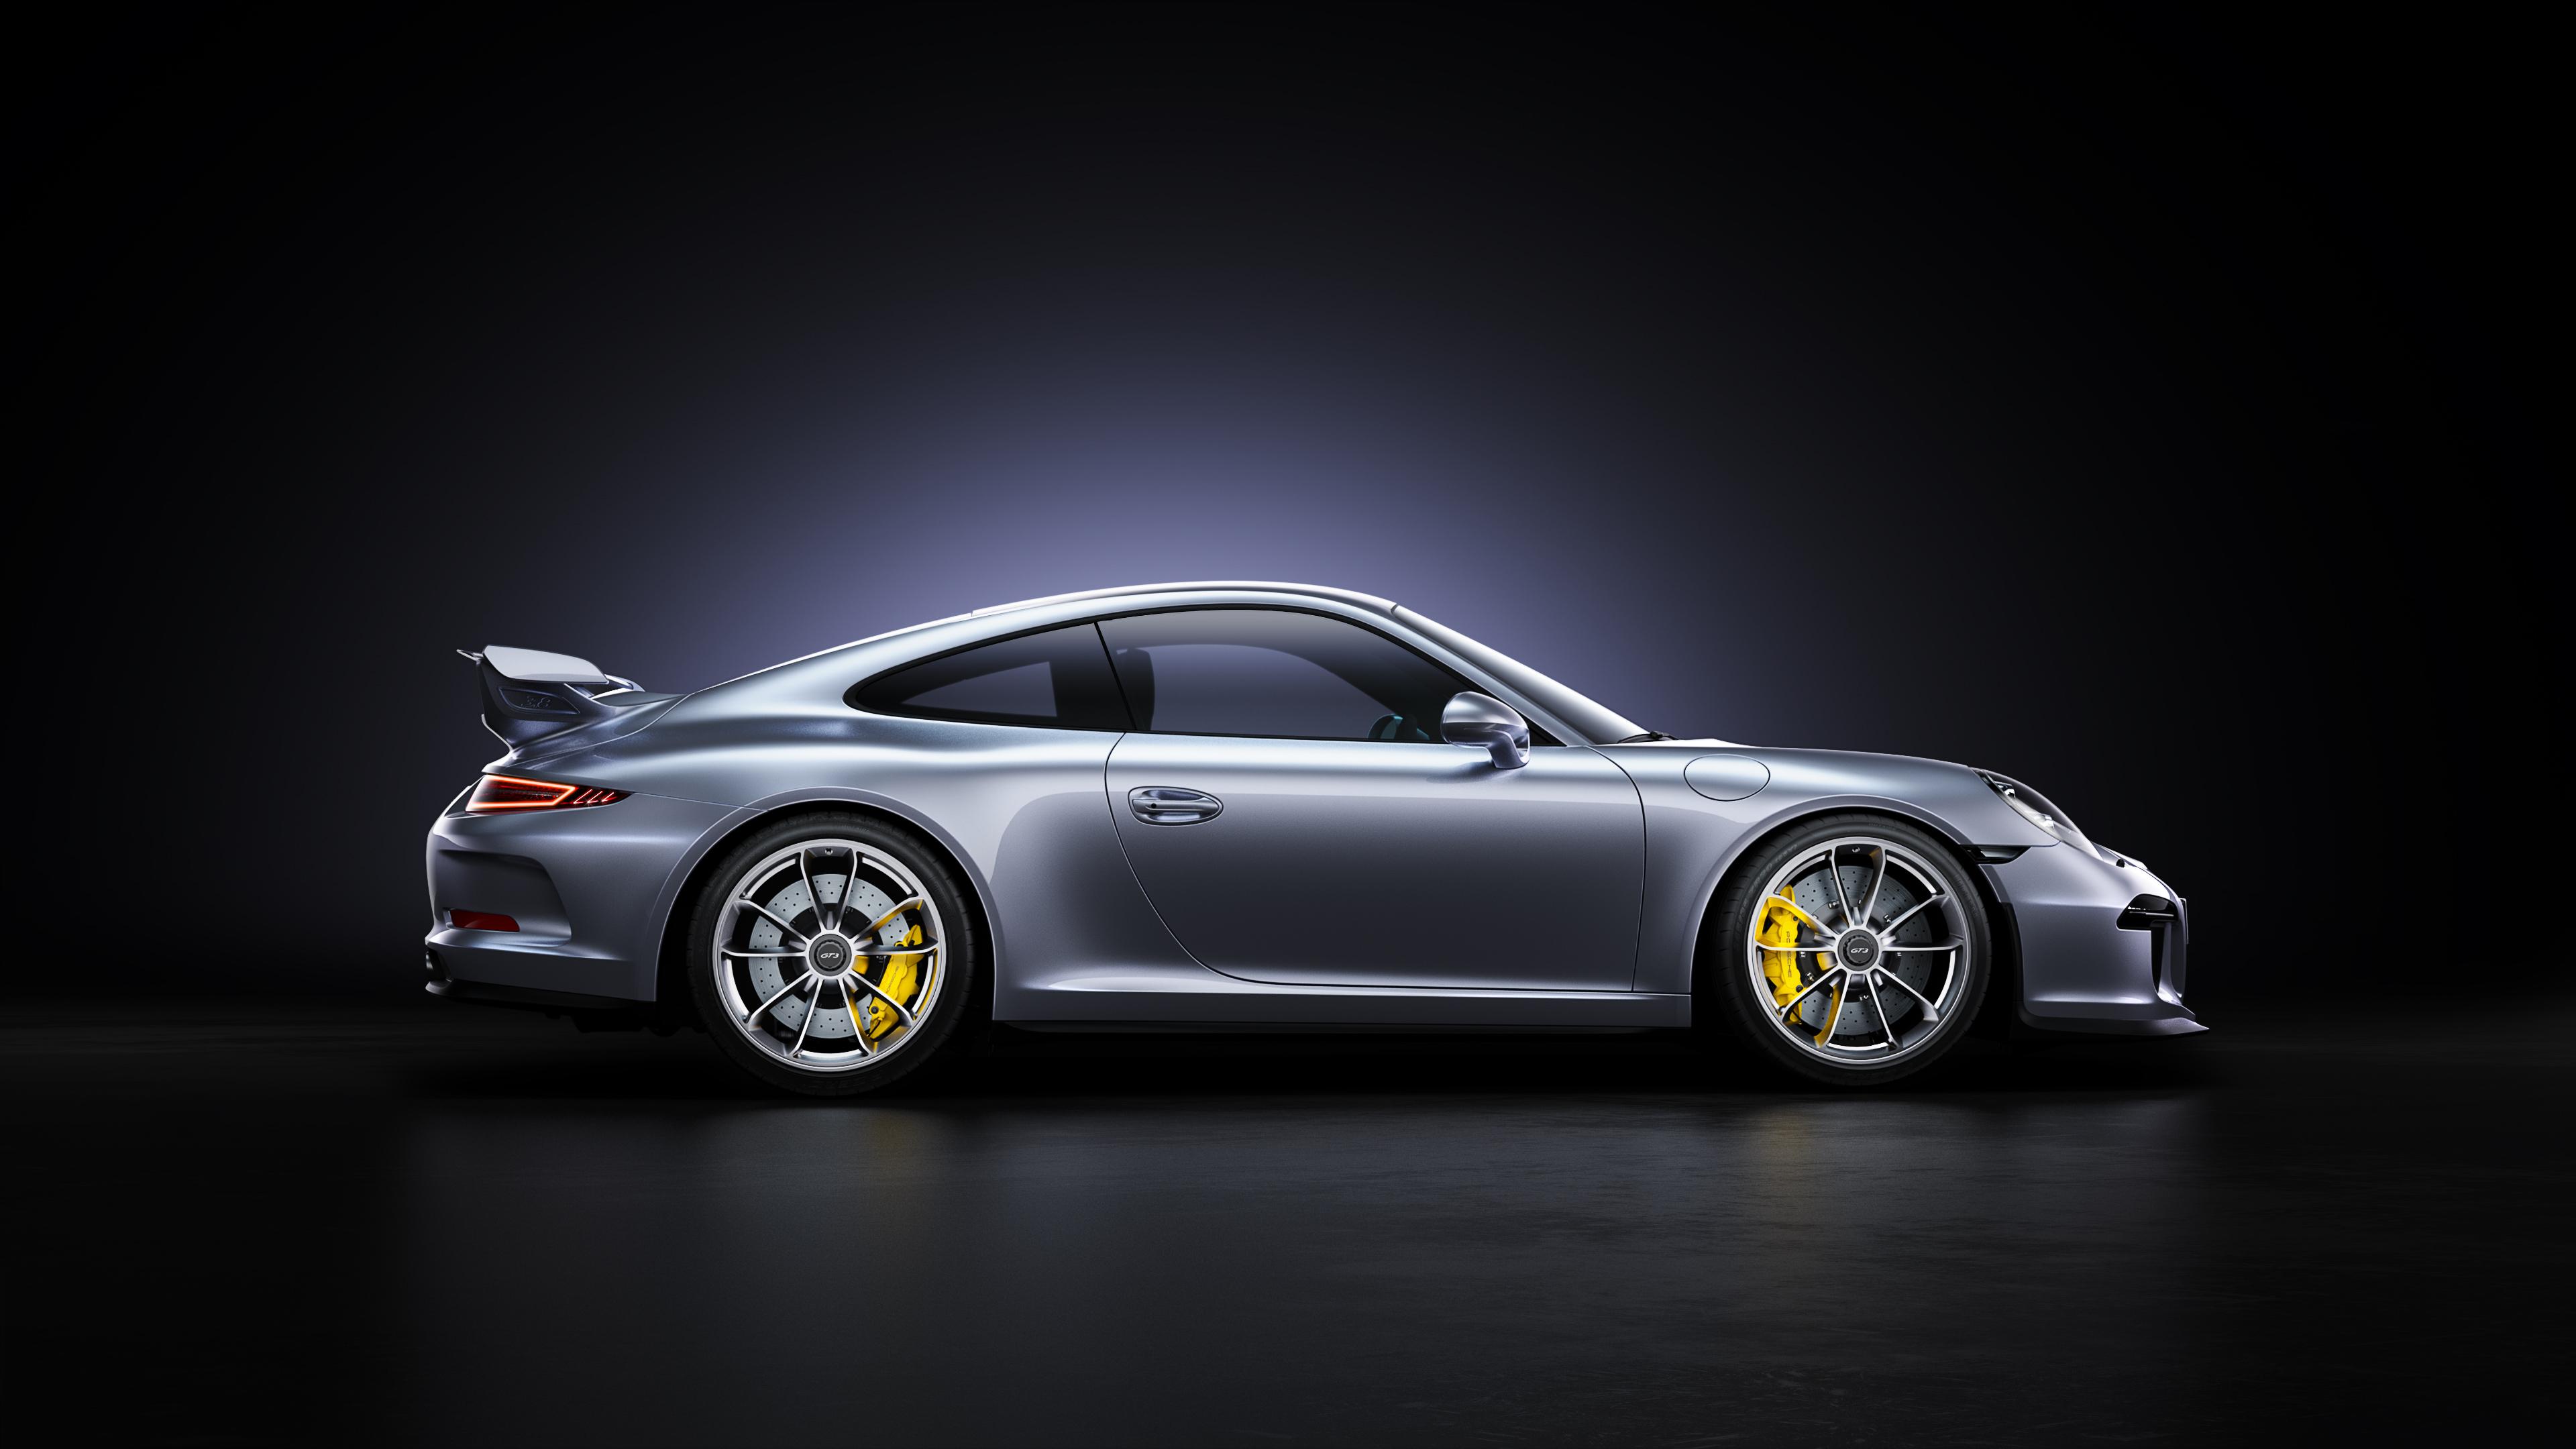 Wallpaper 4k Porsche 911 Gt3 4k 2018 Cars Wallpapers 4k Wallpapers Behance Wallpapers Cars Wallpapers Hd Wallpapers Porsche 911 Gt3 R Wallpapers Porsche 911 Wallpapers Porsche Wallpapers